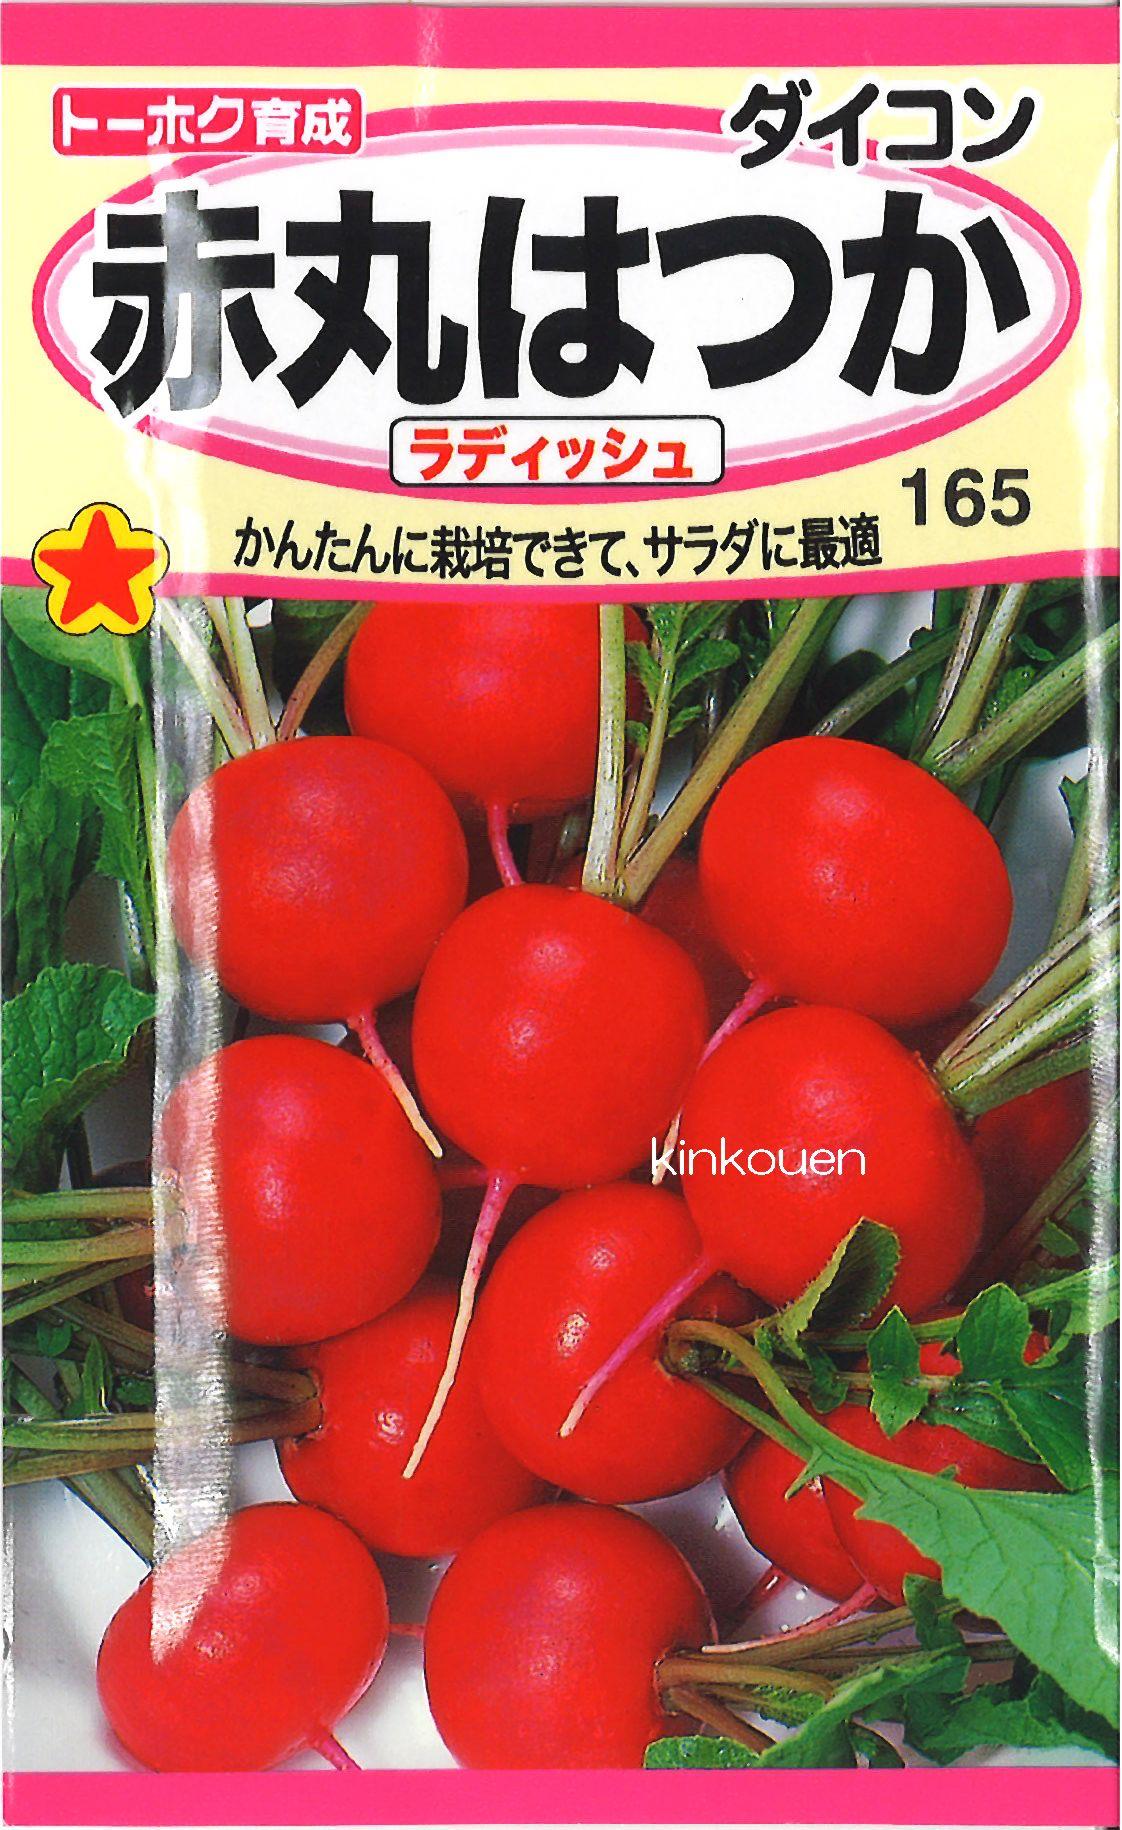 【代引不可】【5袋まで送料80円】□赤丸はつかラディッシュ